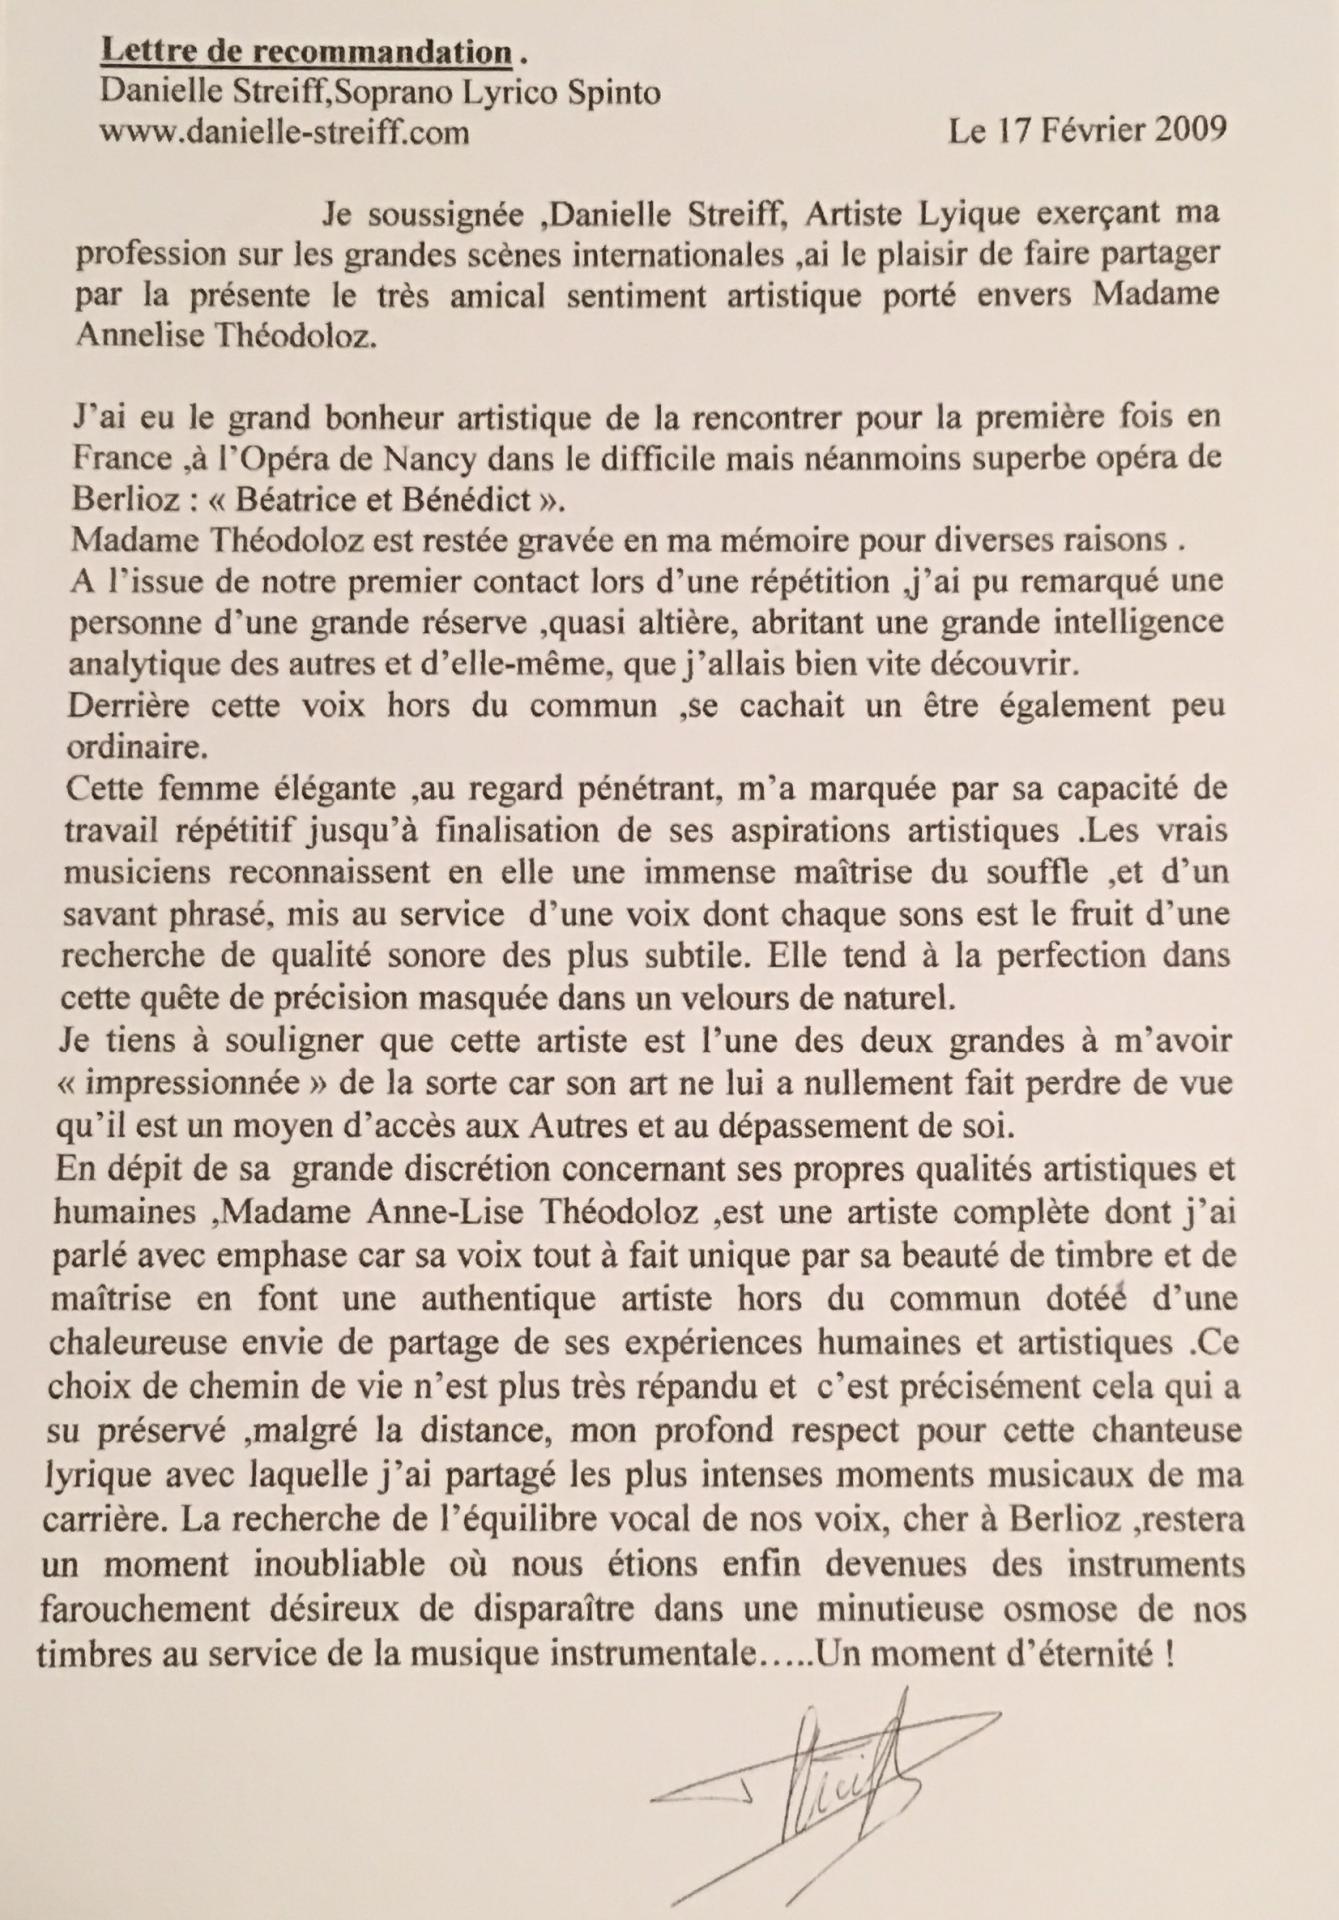 Recommandation Annelise Par D. Streiff